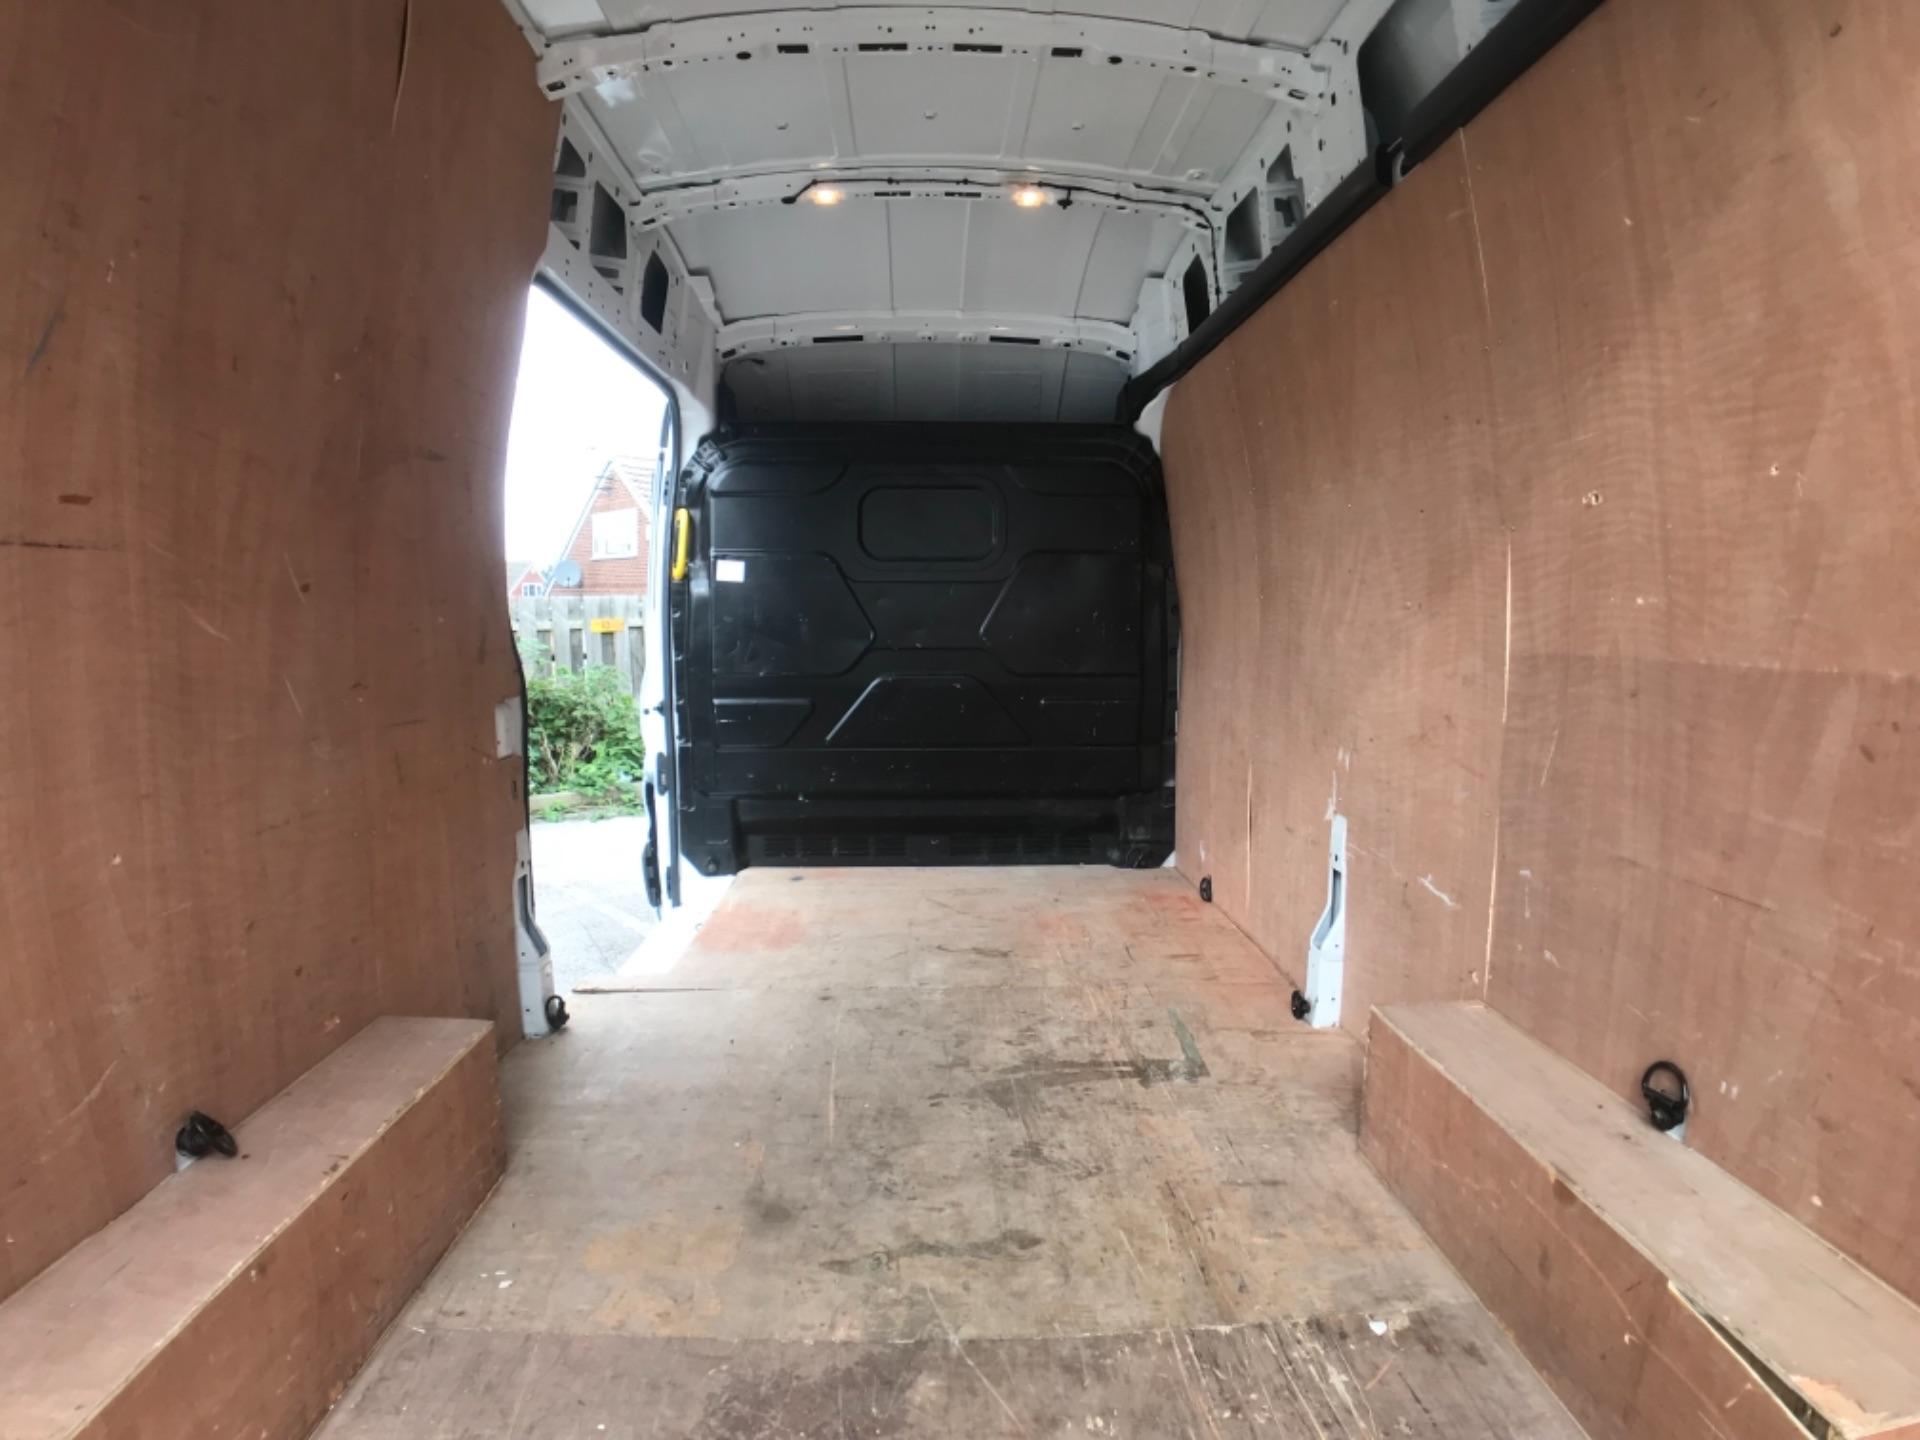 2017 Ford Transit 2.0 Tdci 130Ps H3 Van L3 H3 VAN 130PS EURO 6 (FN67ZVU) Image 12